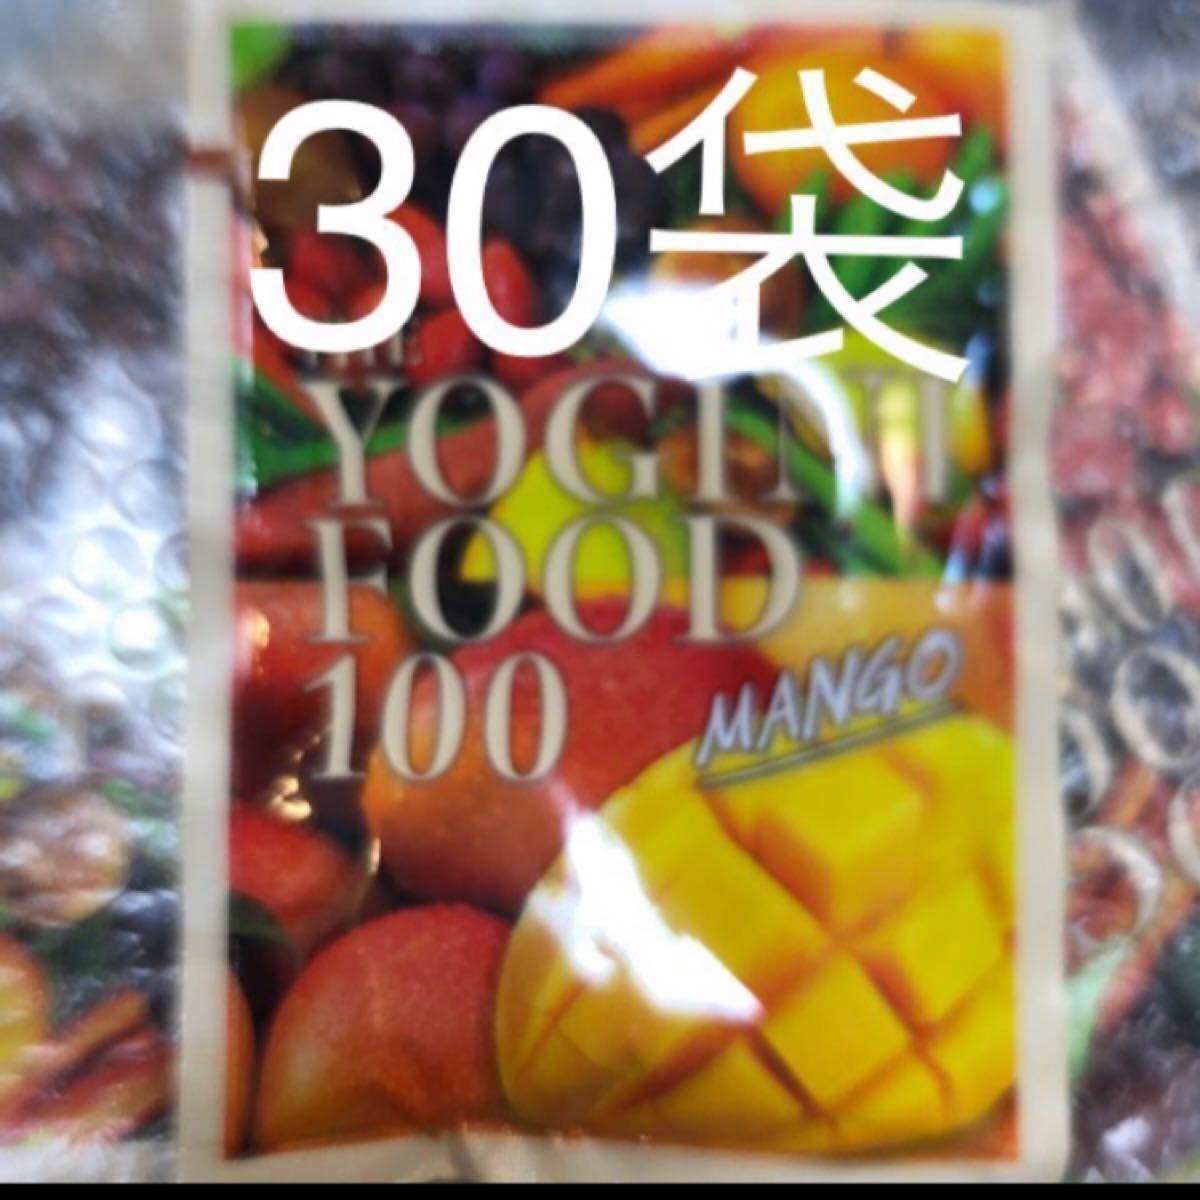 LAVAヨギーニフード30袋マンゴー